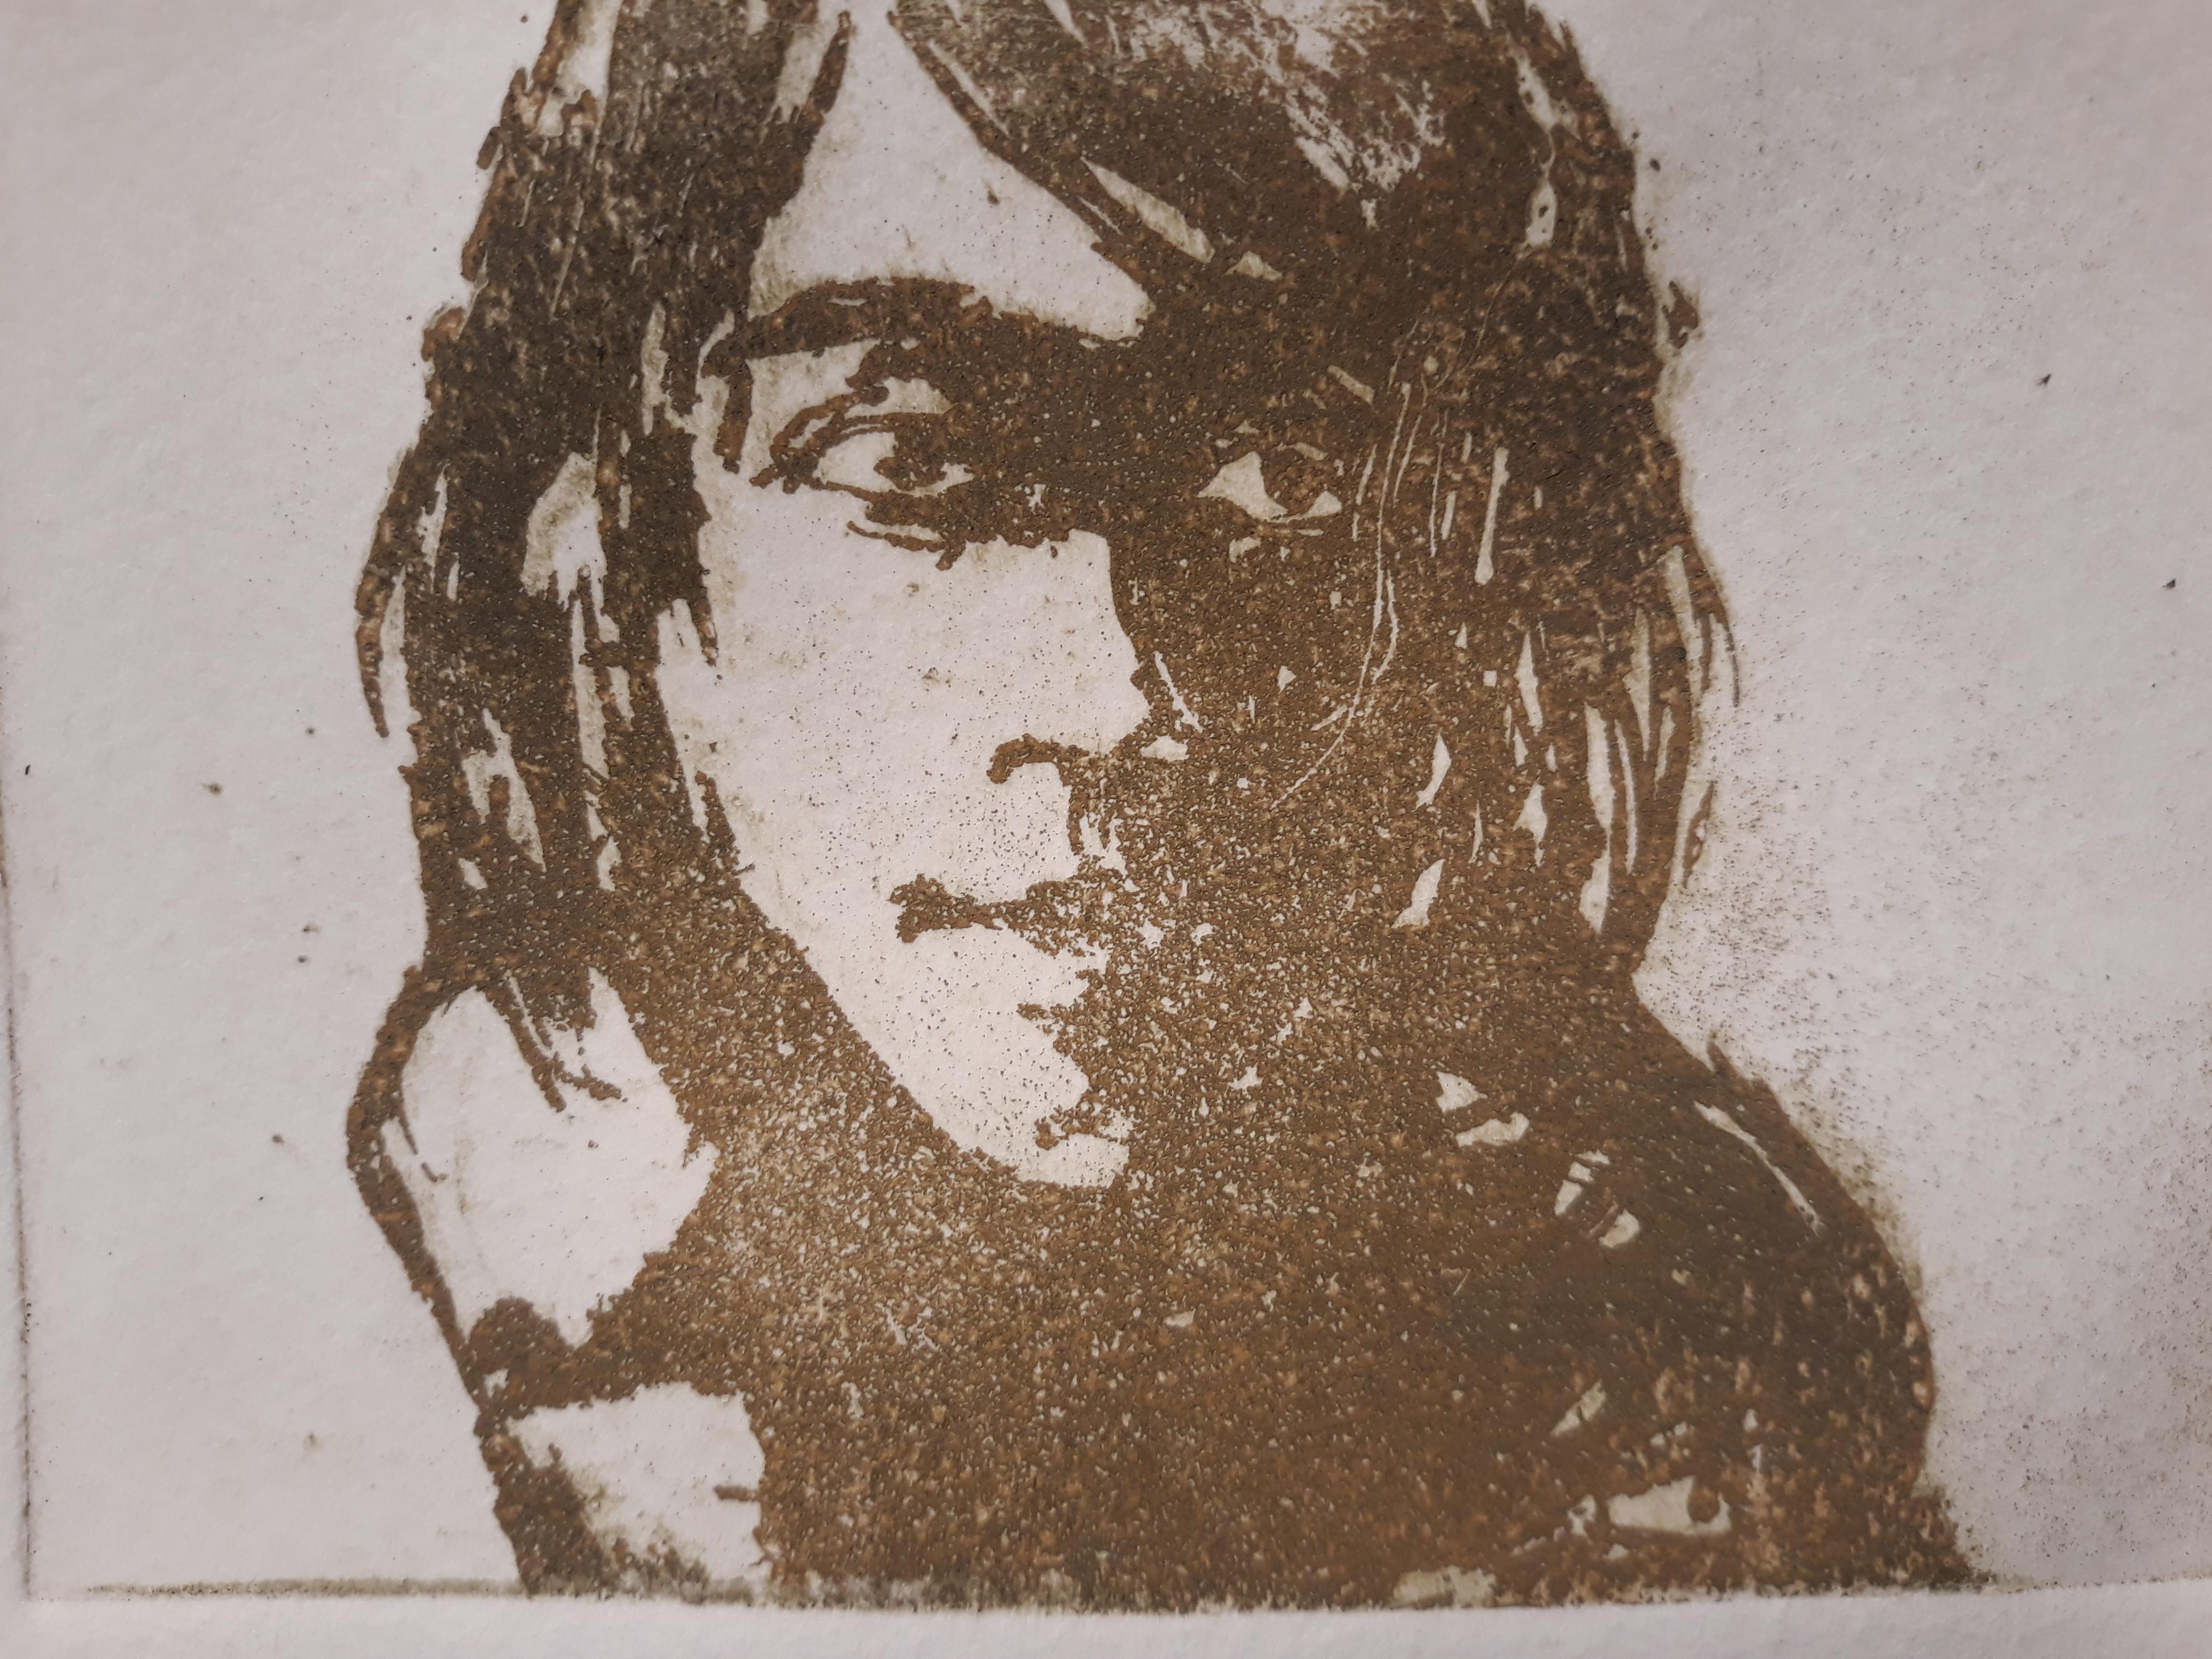 17M01. monotype